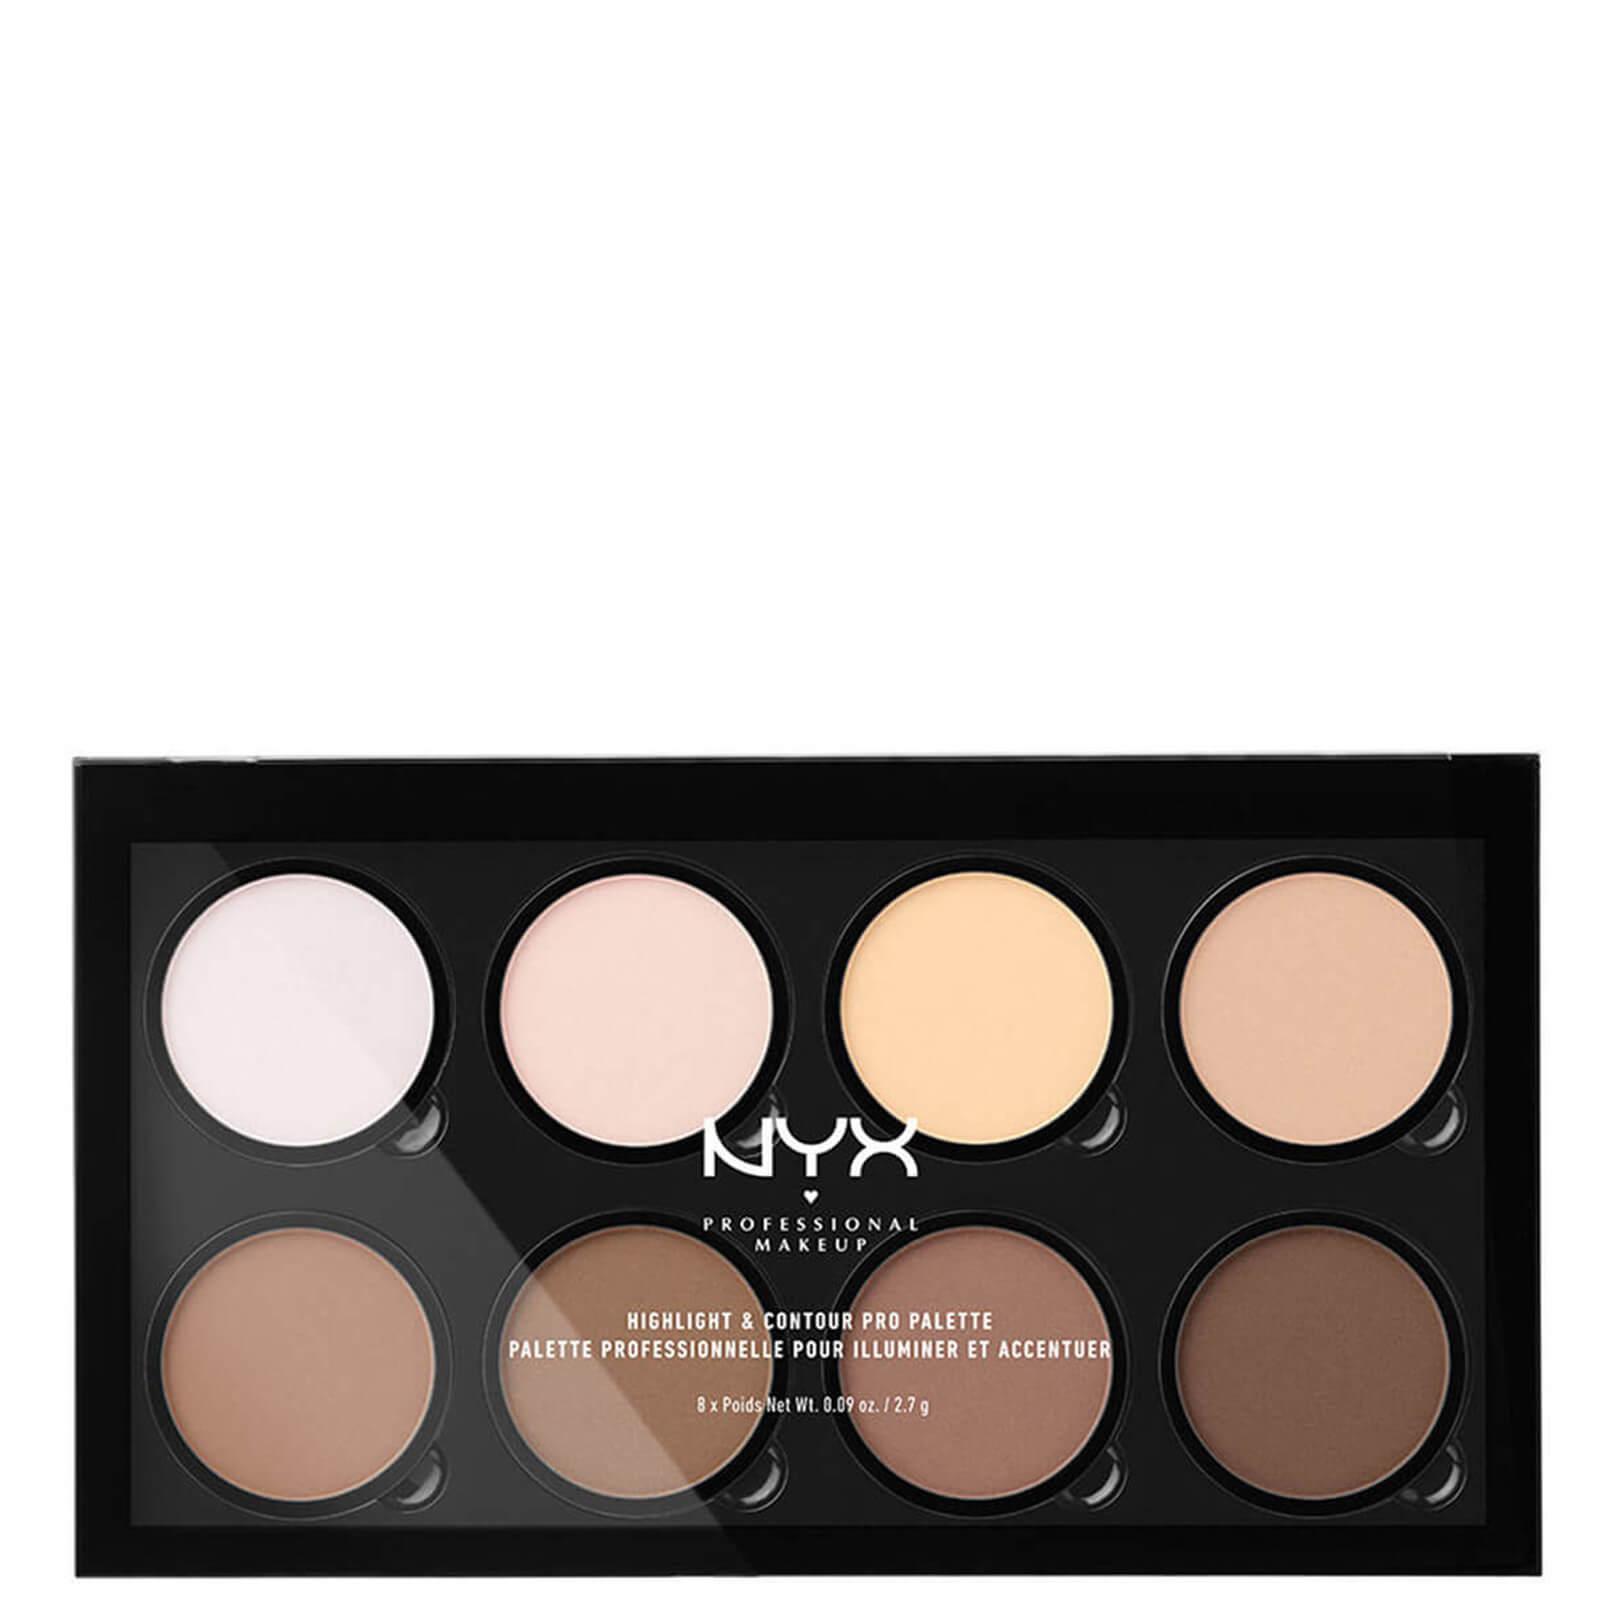 Купить Палетка для контурирования NYX Professional Makeup Highlight & Contour Pro Palette